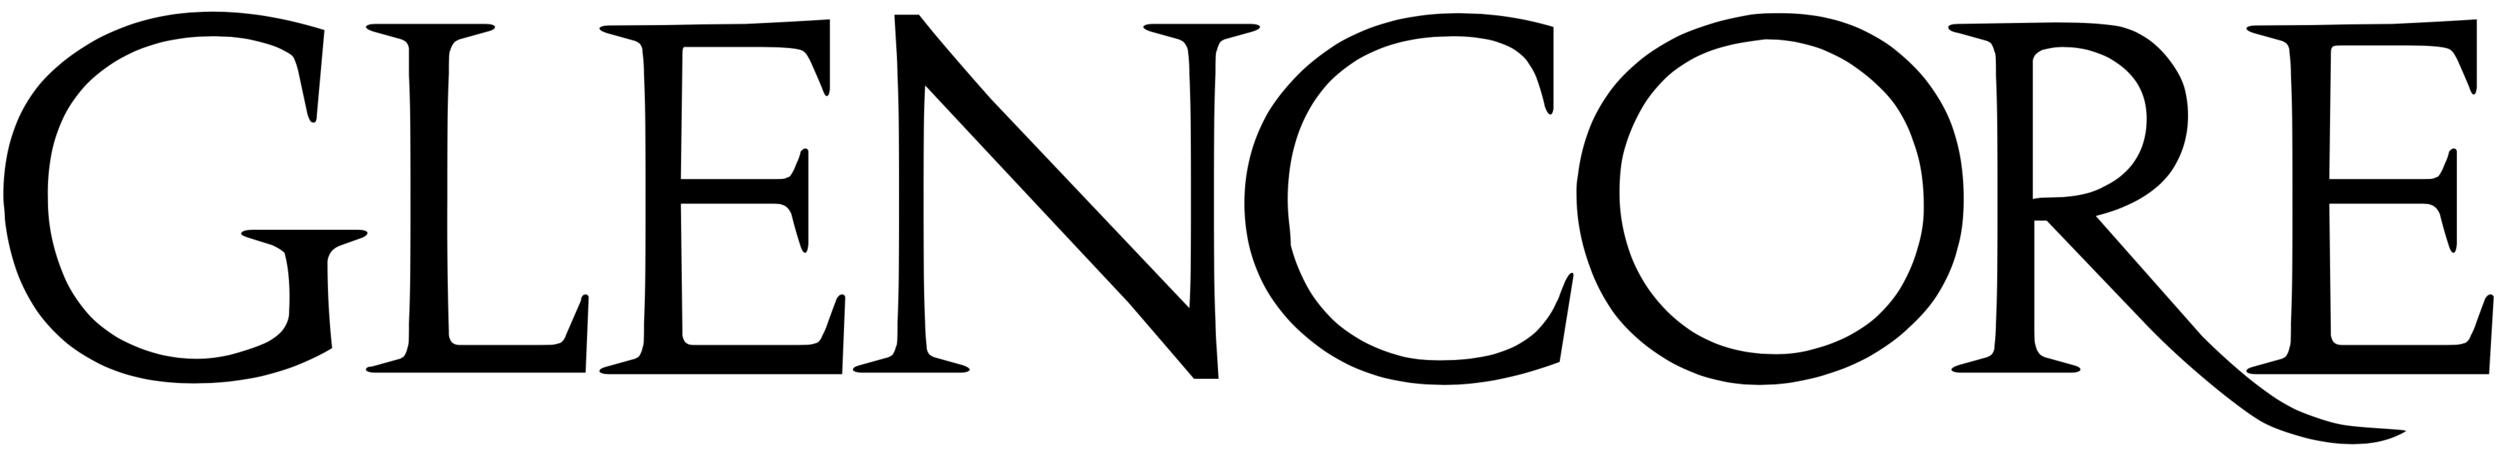 logo-Glencore.png